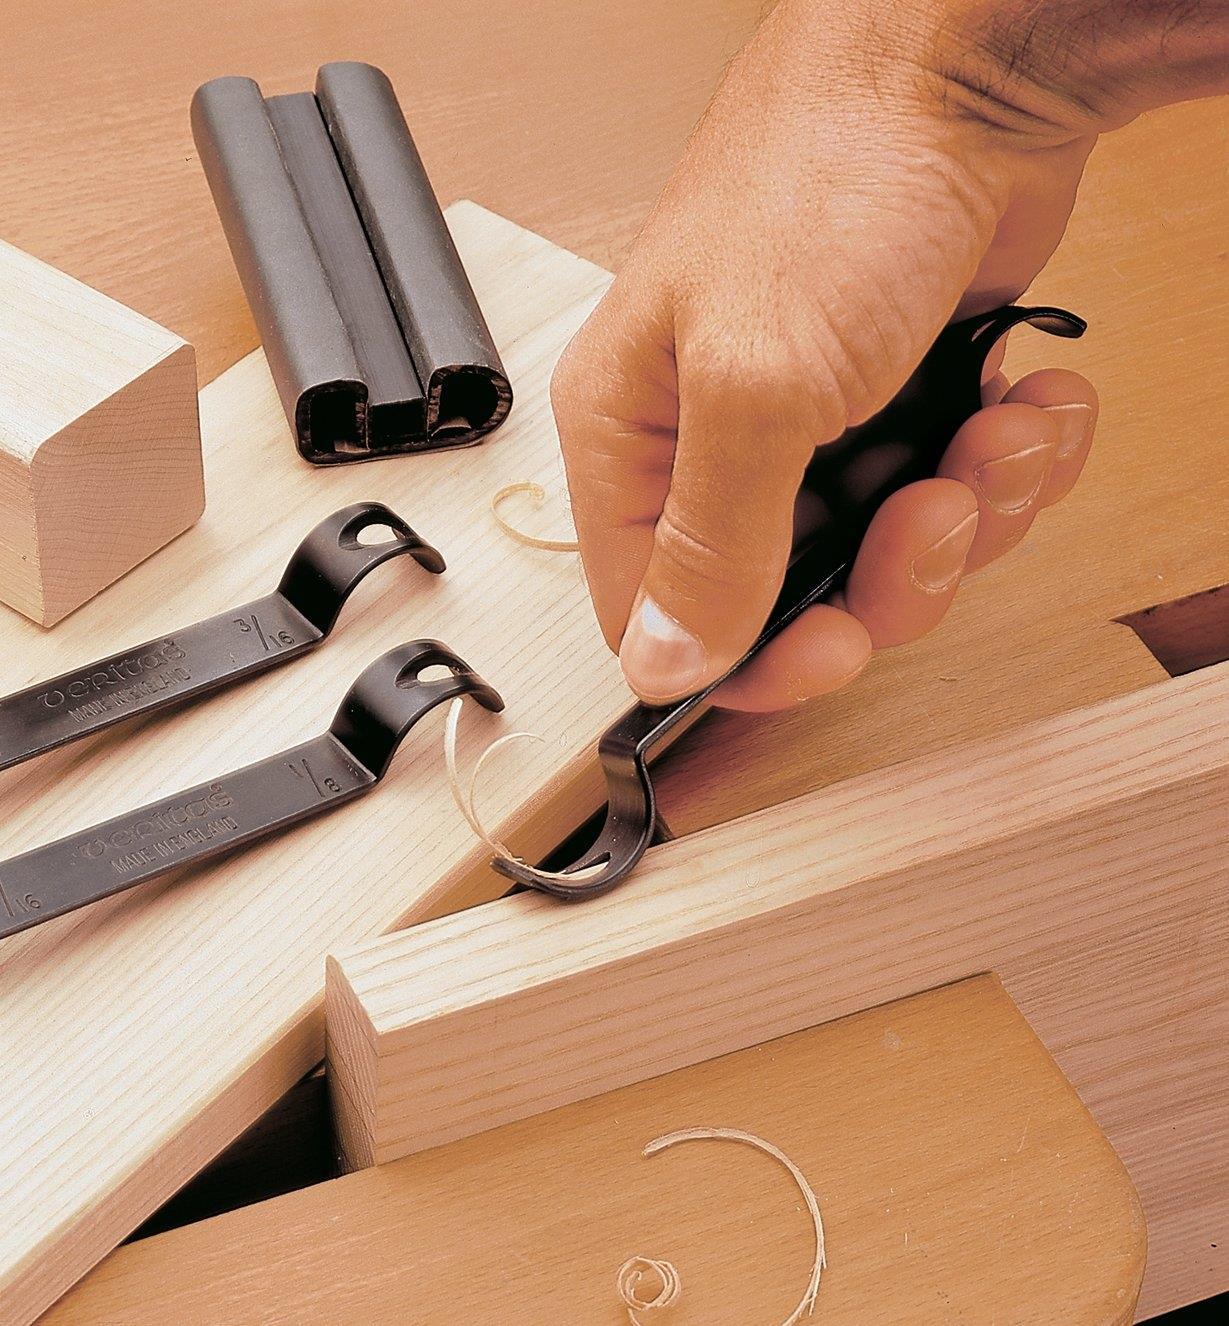 05K5030 - Cornering Tool Set